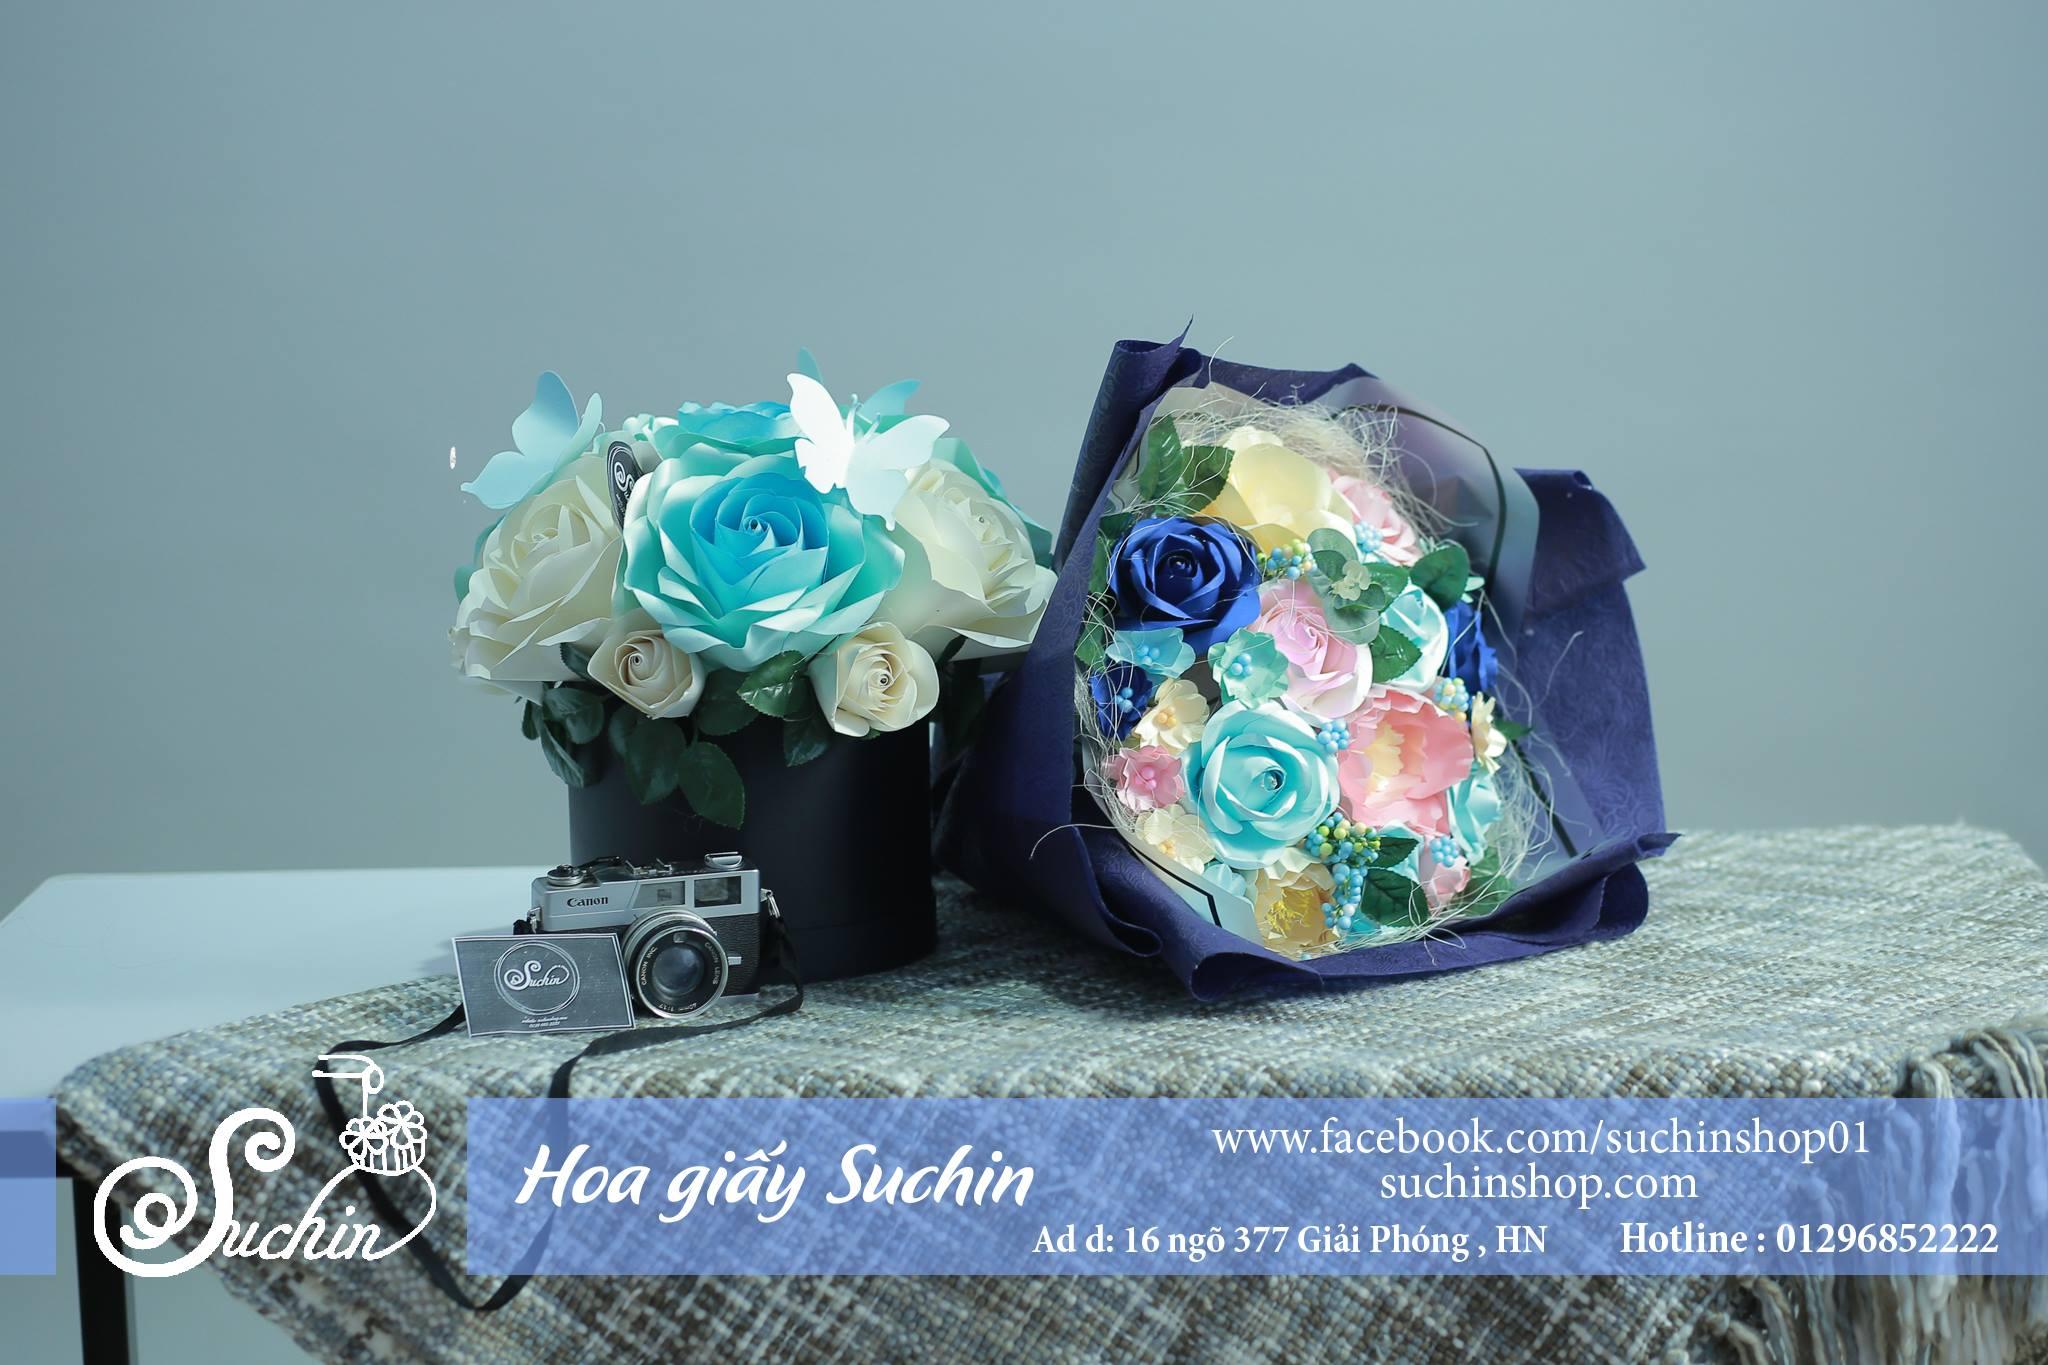 Bó hoa giấy và hộp hoa giấy tông xanh huyền bí